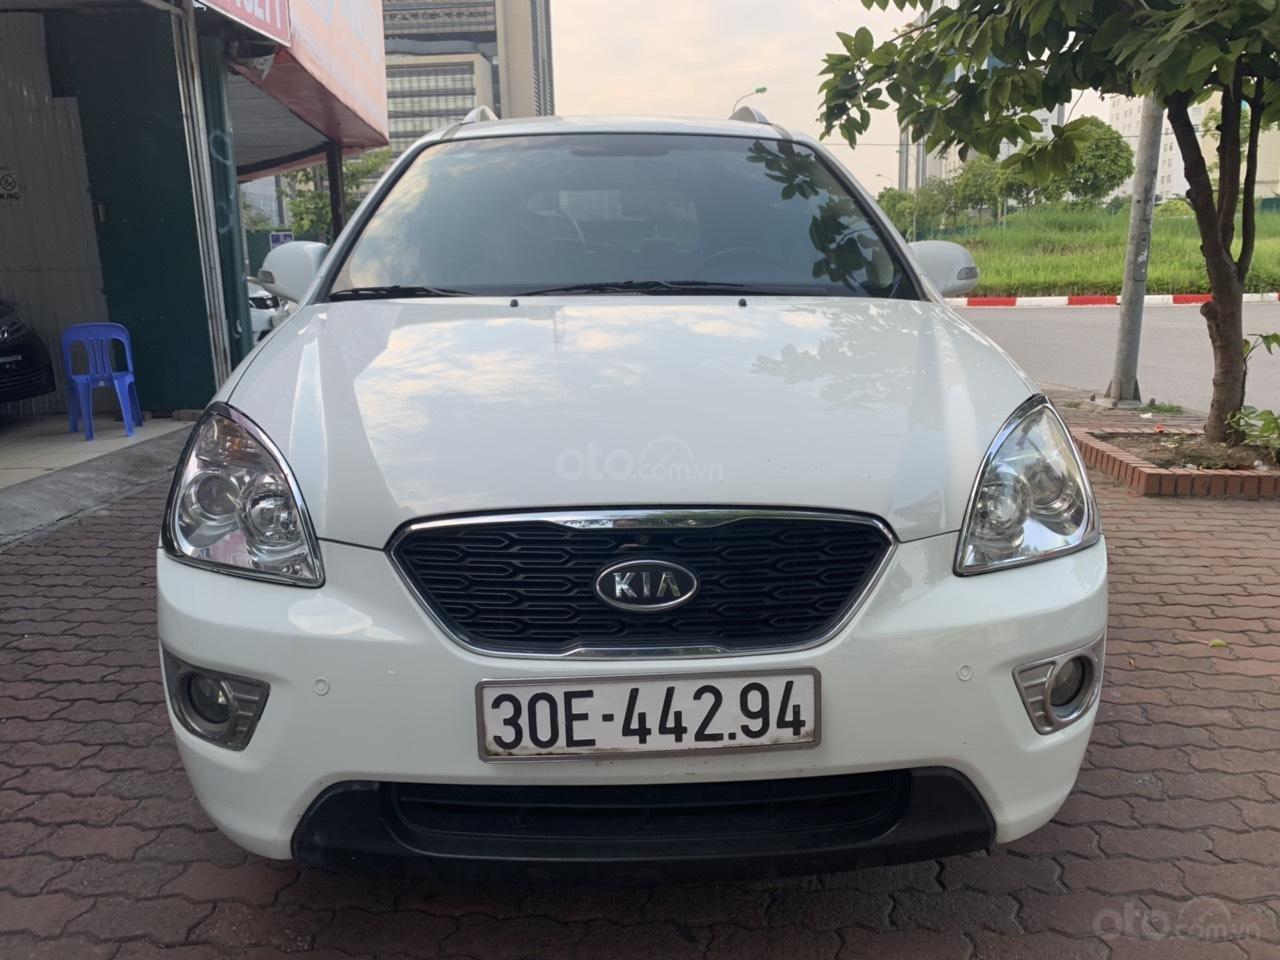 Bán xe Kia Carens 2.0AT năm 2011, màu trắng (3)